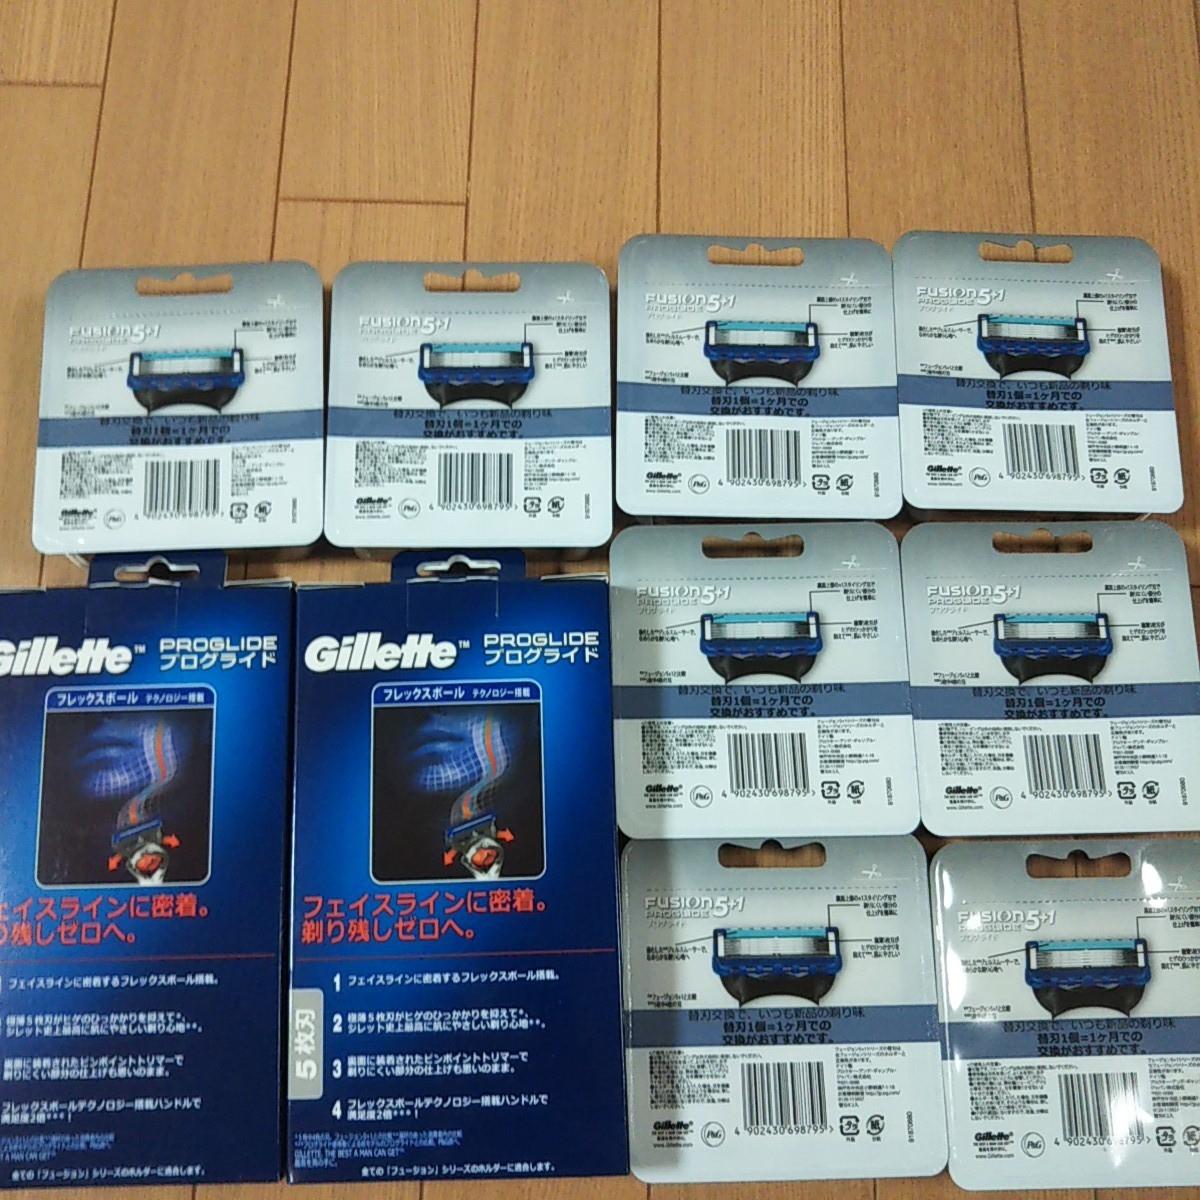 新品 Gillette Fusion5+1 プログライド 本体2個+替刃42個セット 5枚刃 ジレット フュージョン PROGLIDE_画像2